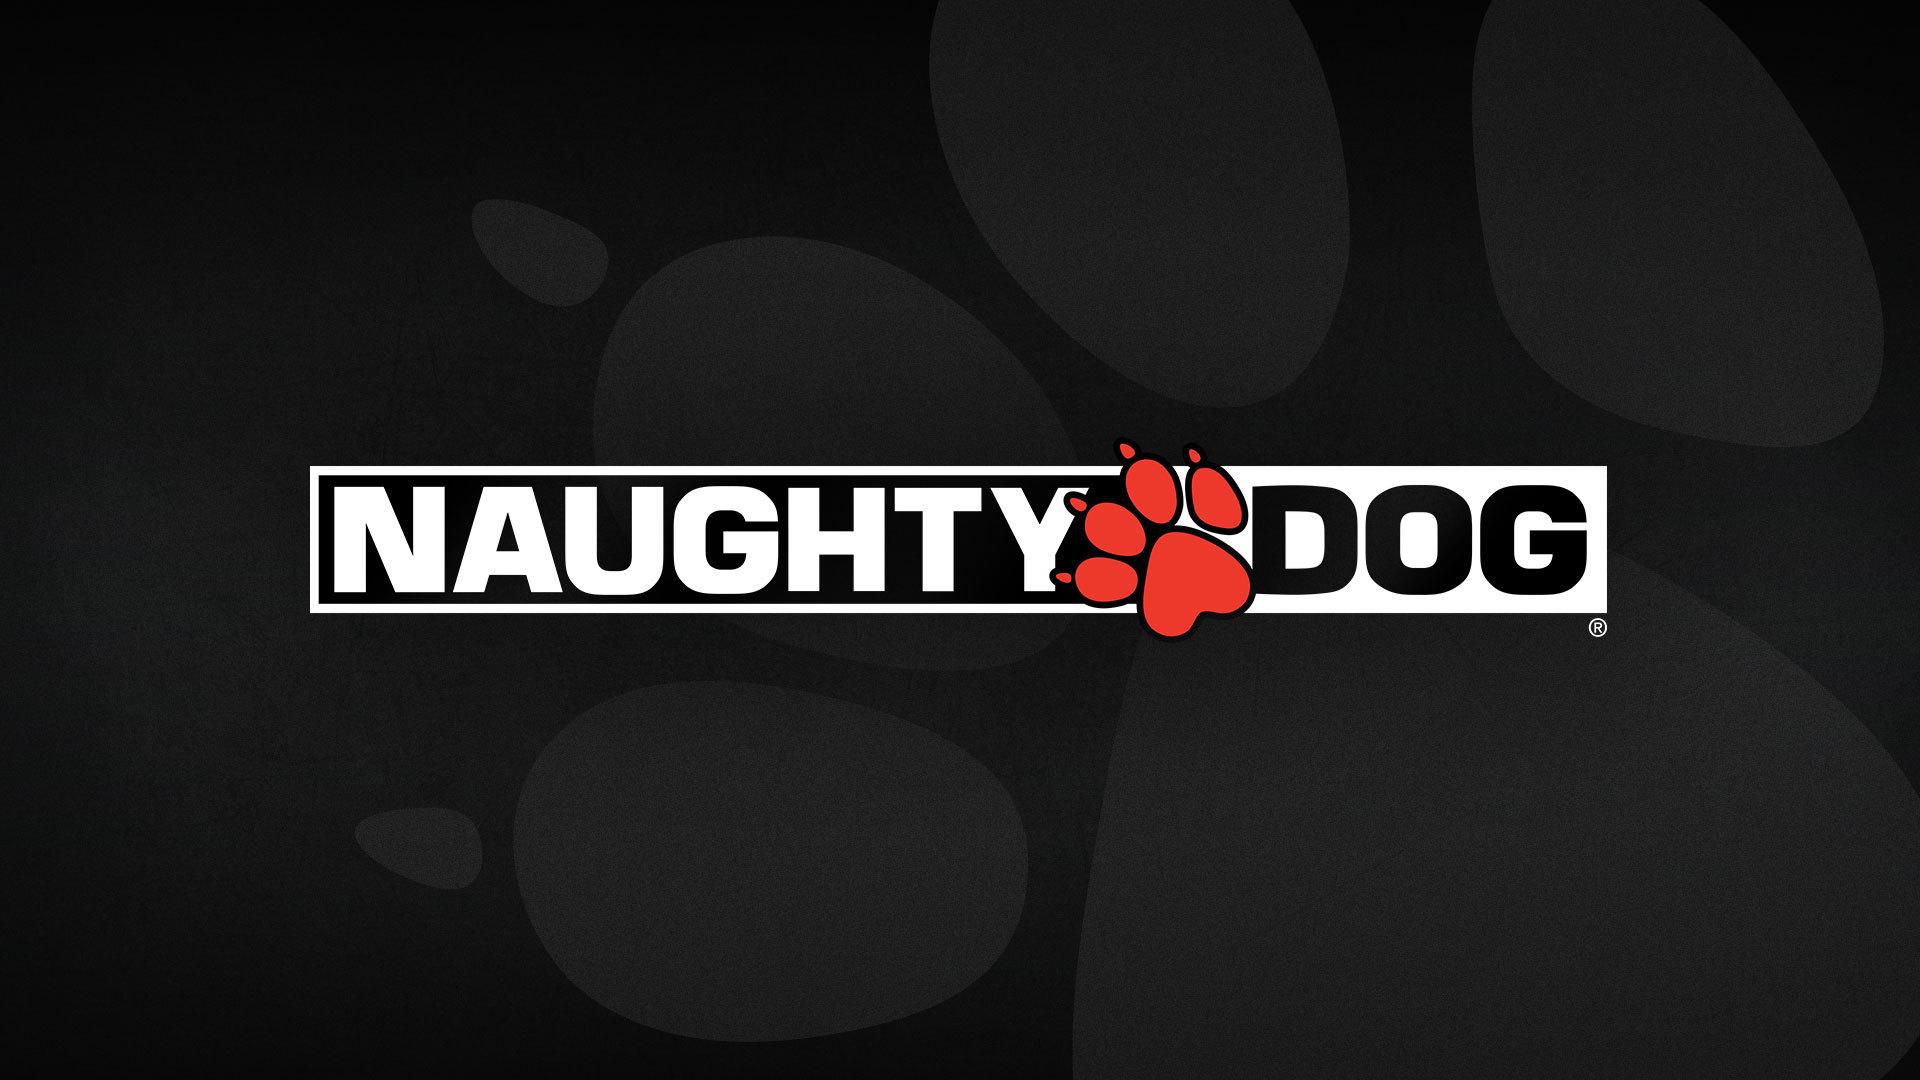 naughty dog, uncharted, avengers